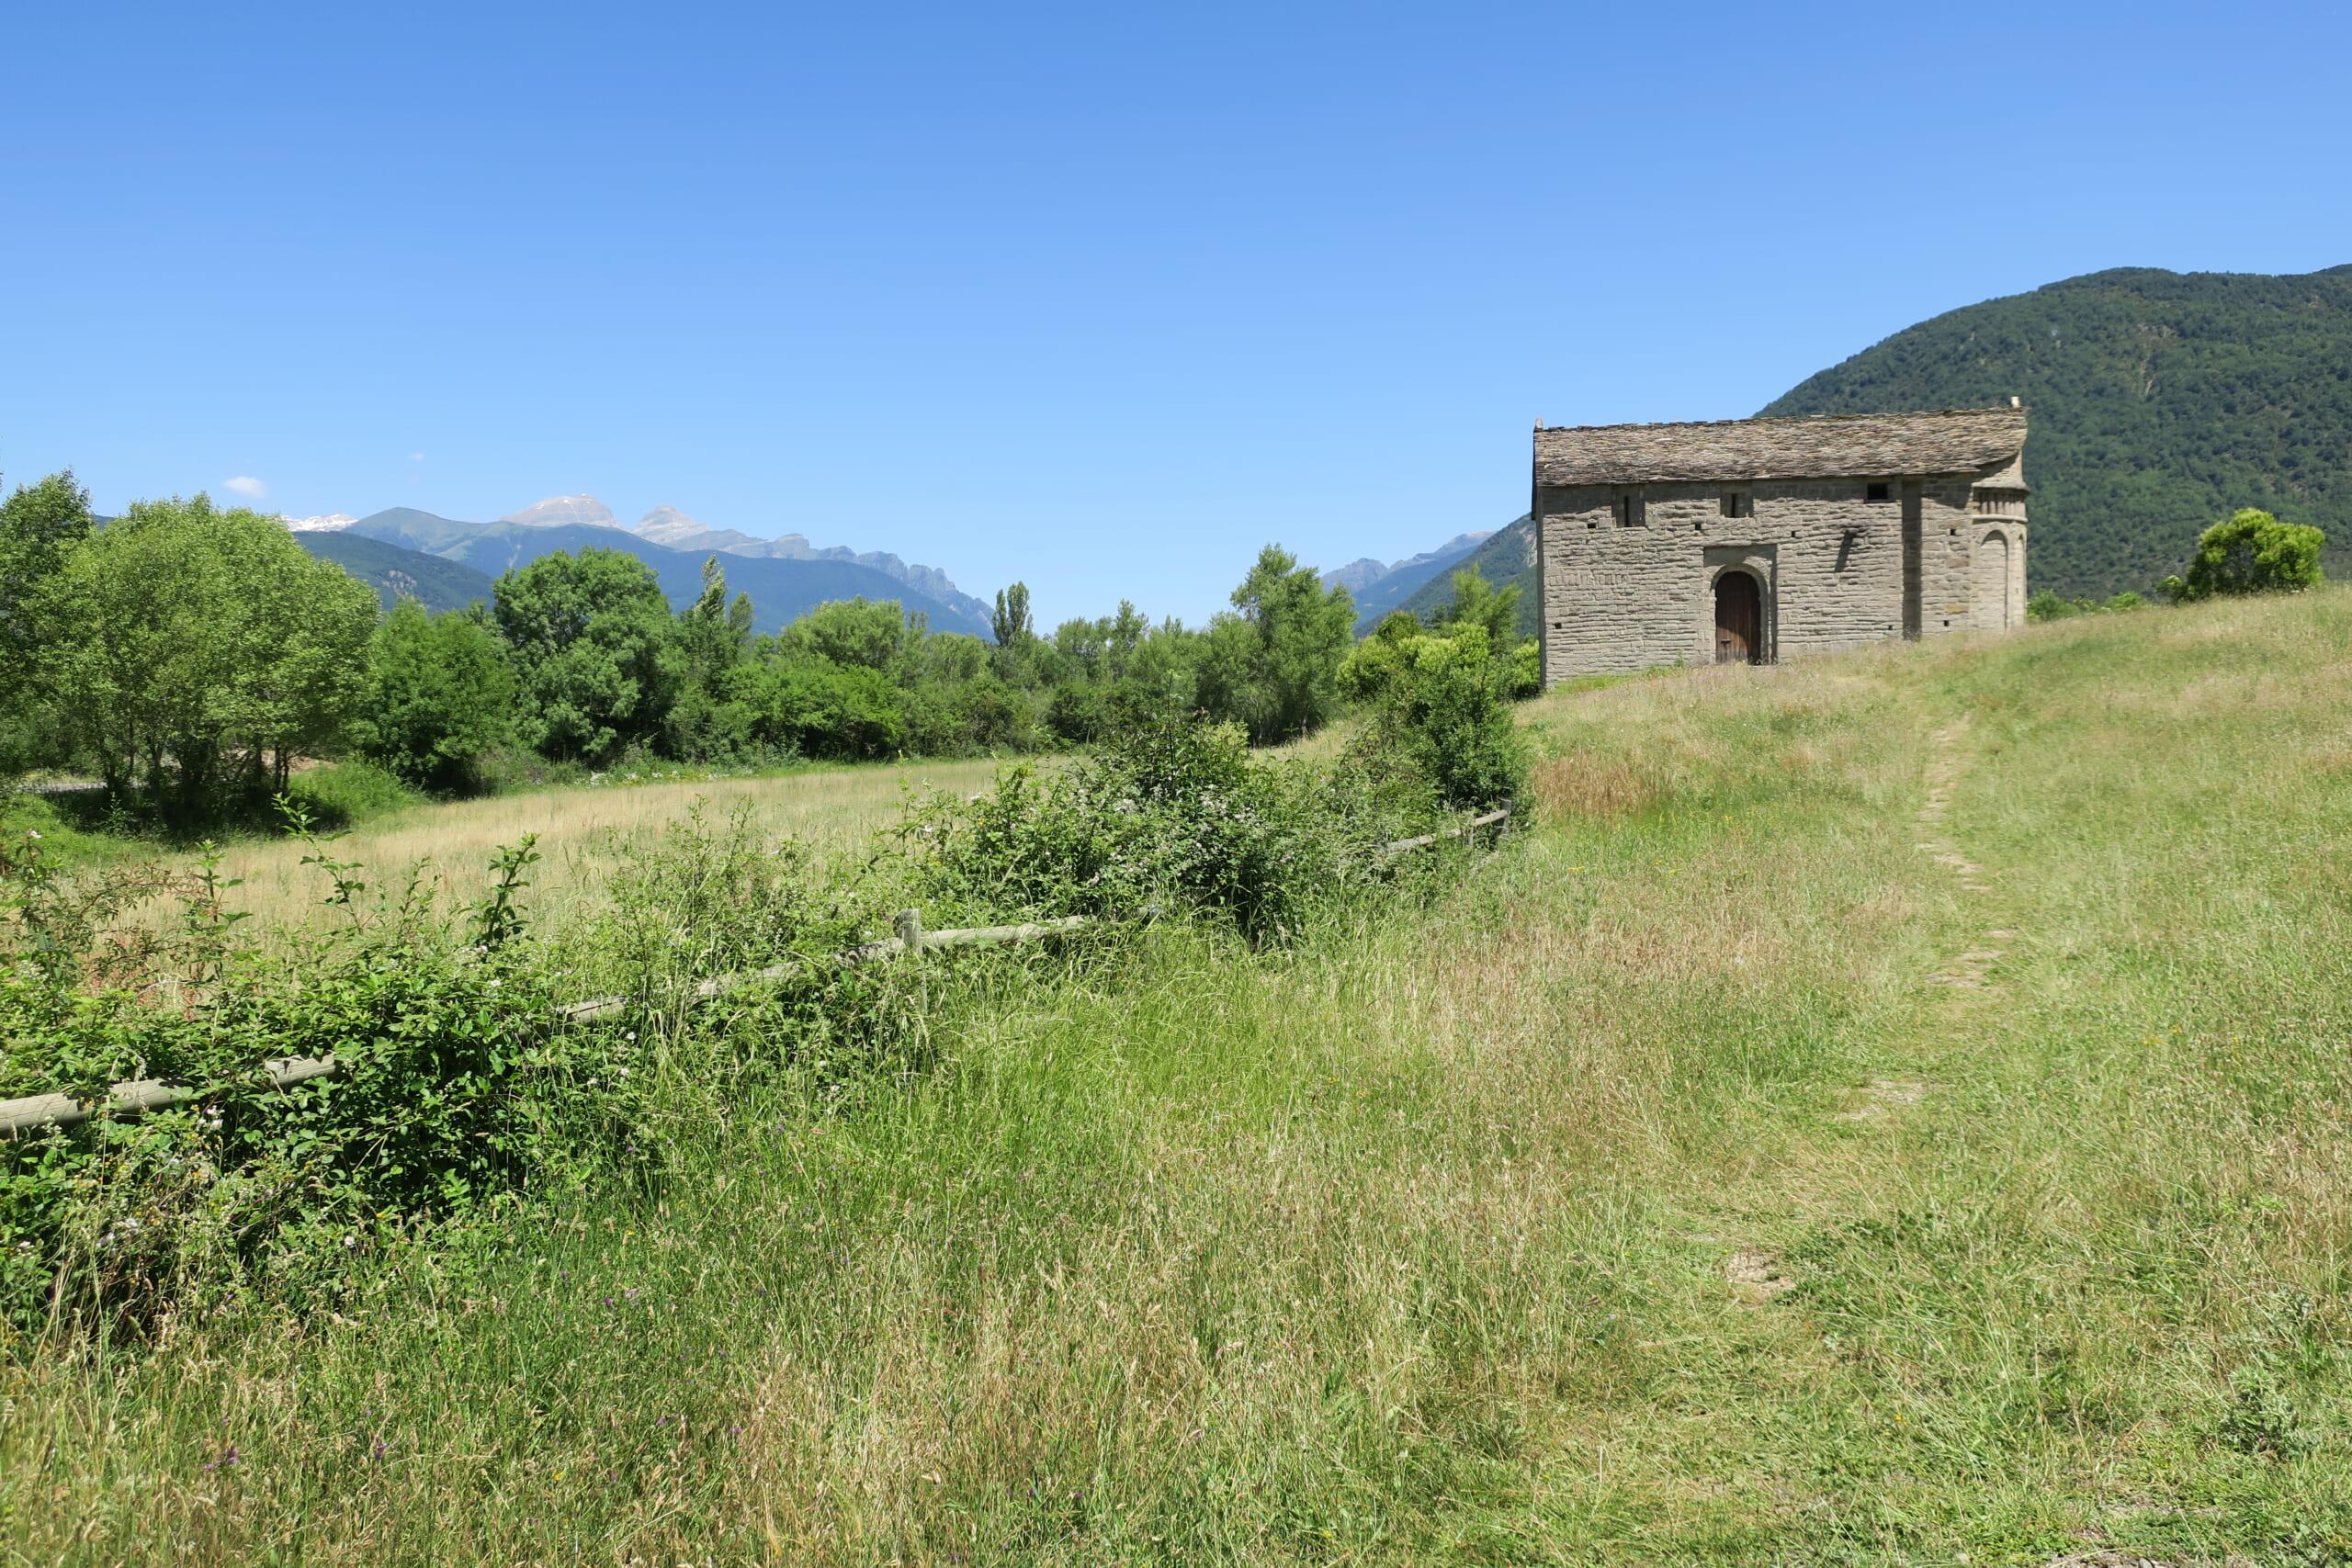 北スペインのプレロマネスク様式の建築物